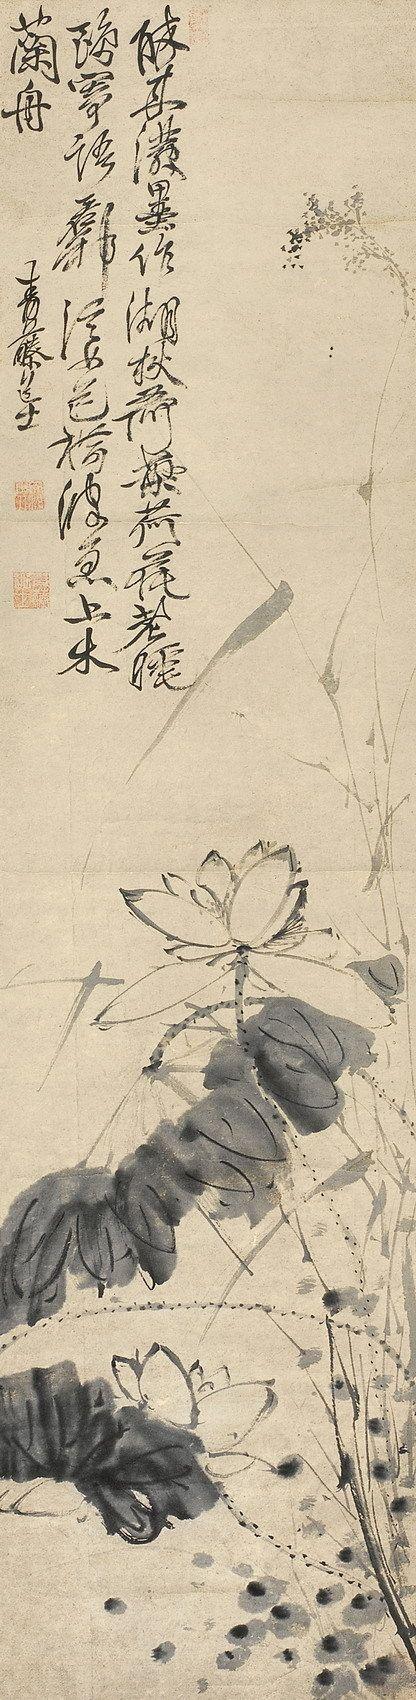 明代 - 徐渭 -《墨荷》